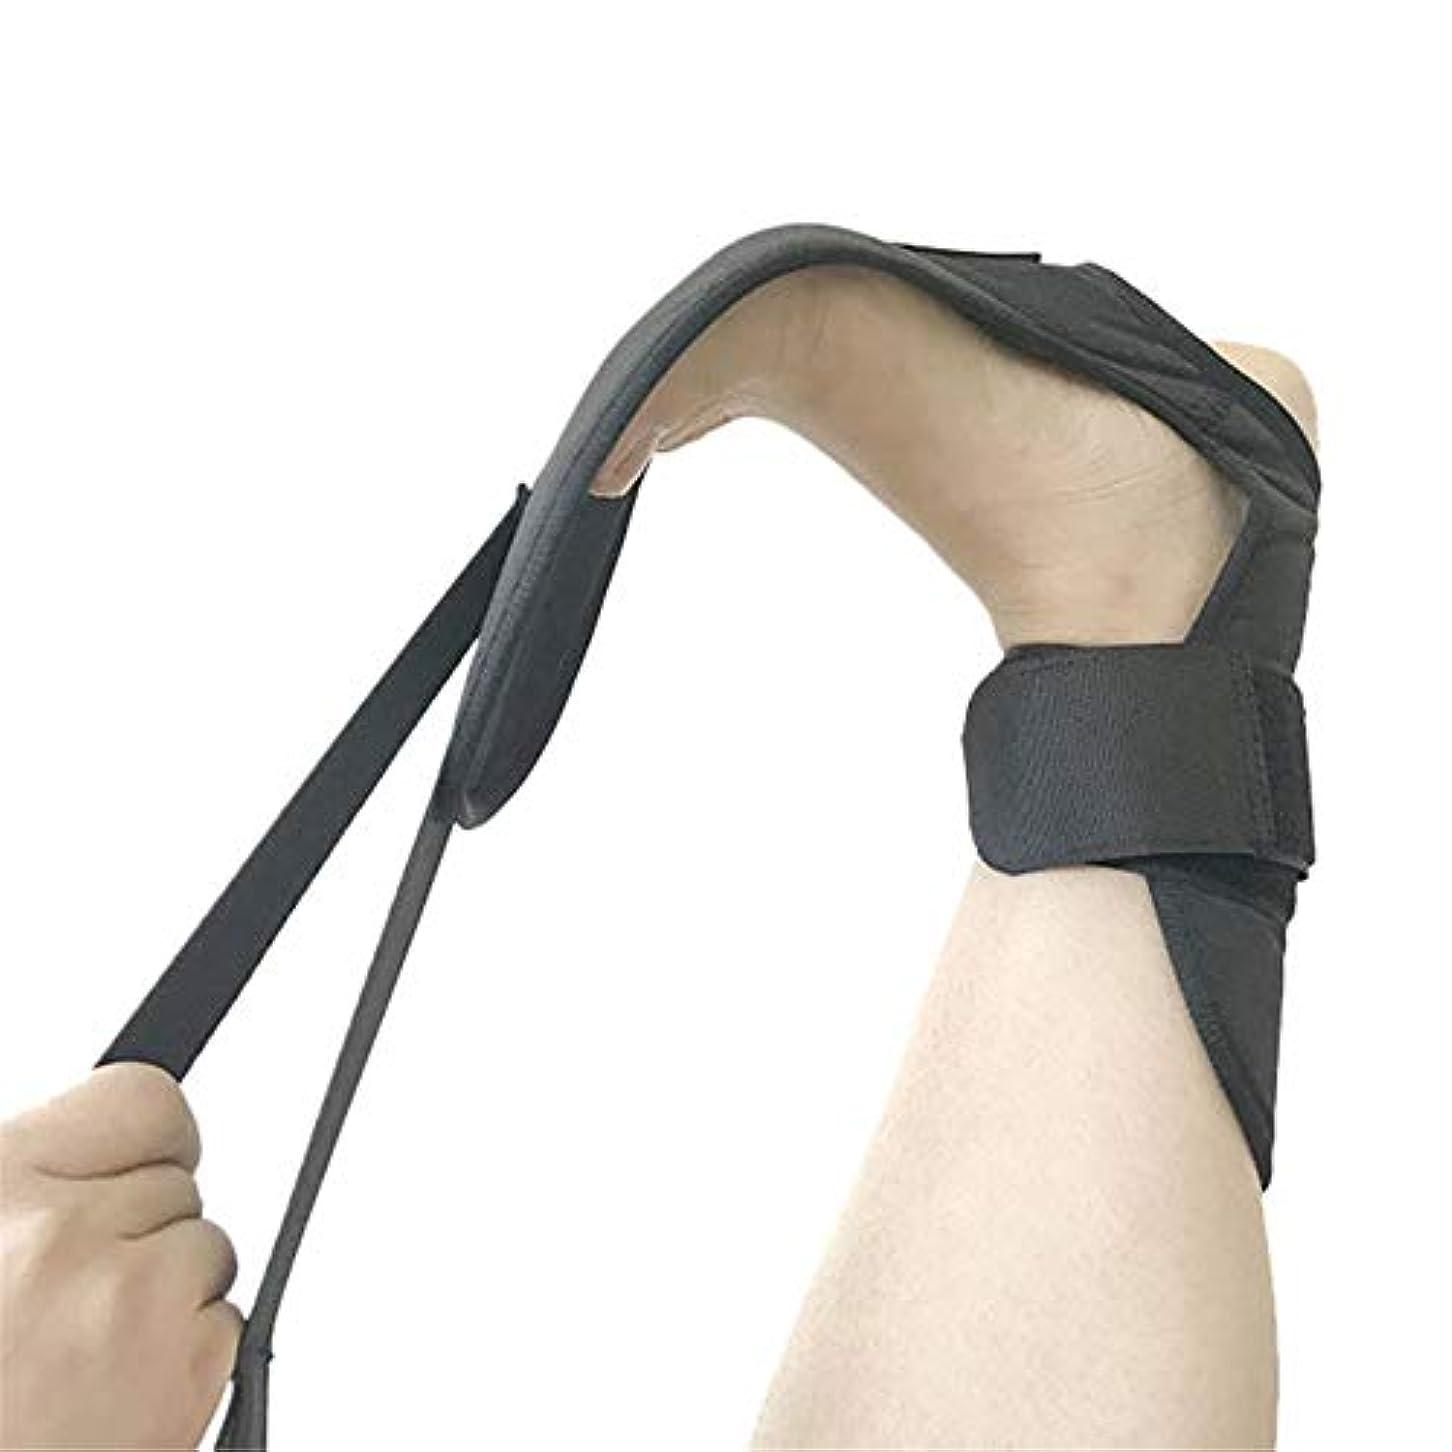 元に戻す固執マウスヨガ靭帯、ストレッチベルト、足リハビリストラップ足底筋膜炎脚トレーニング足足首関節矯正ブレース